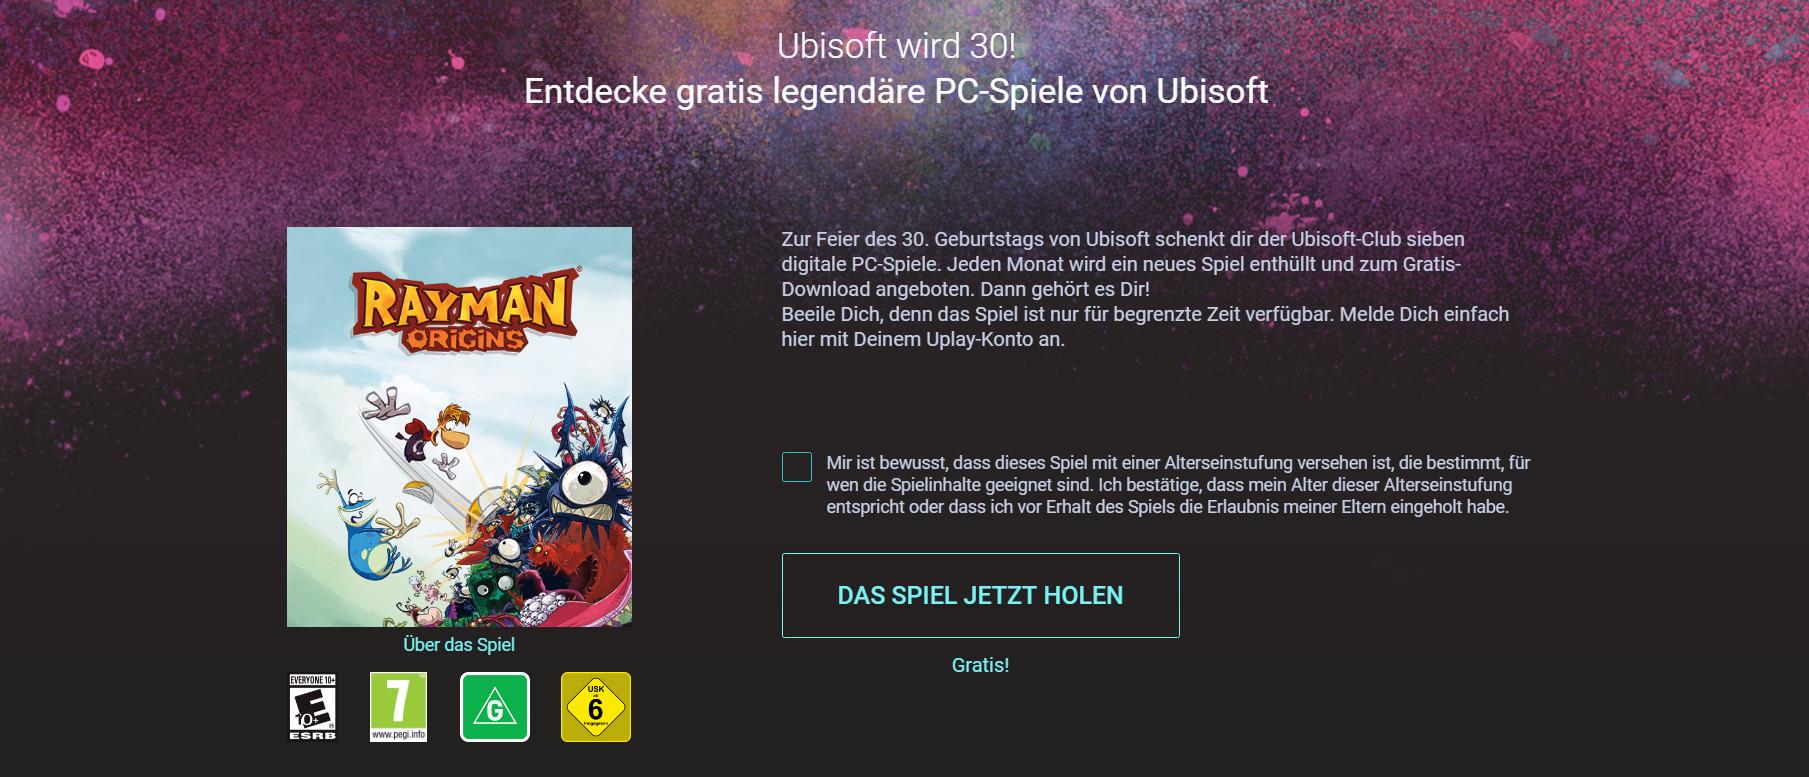 Rayman Origins als kostenloser Download